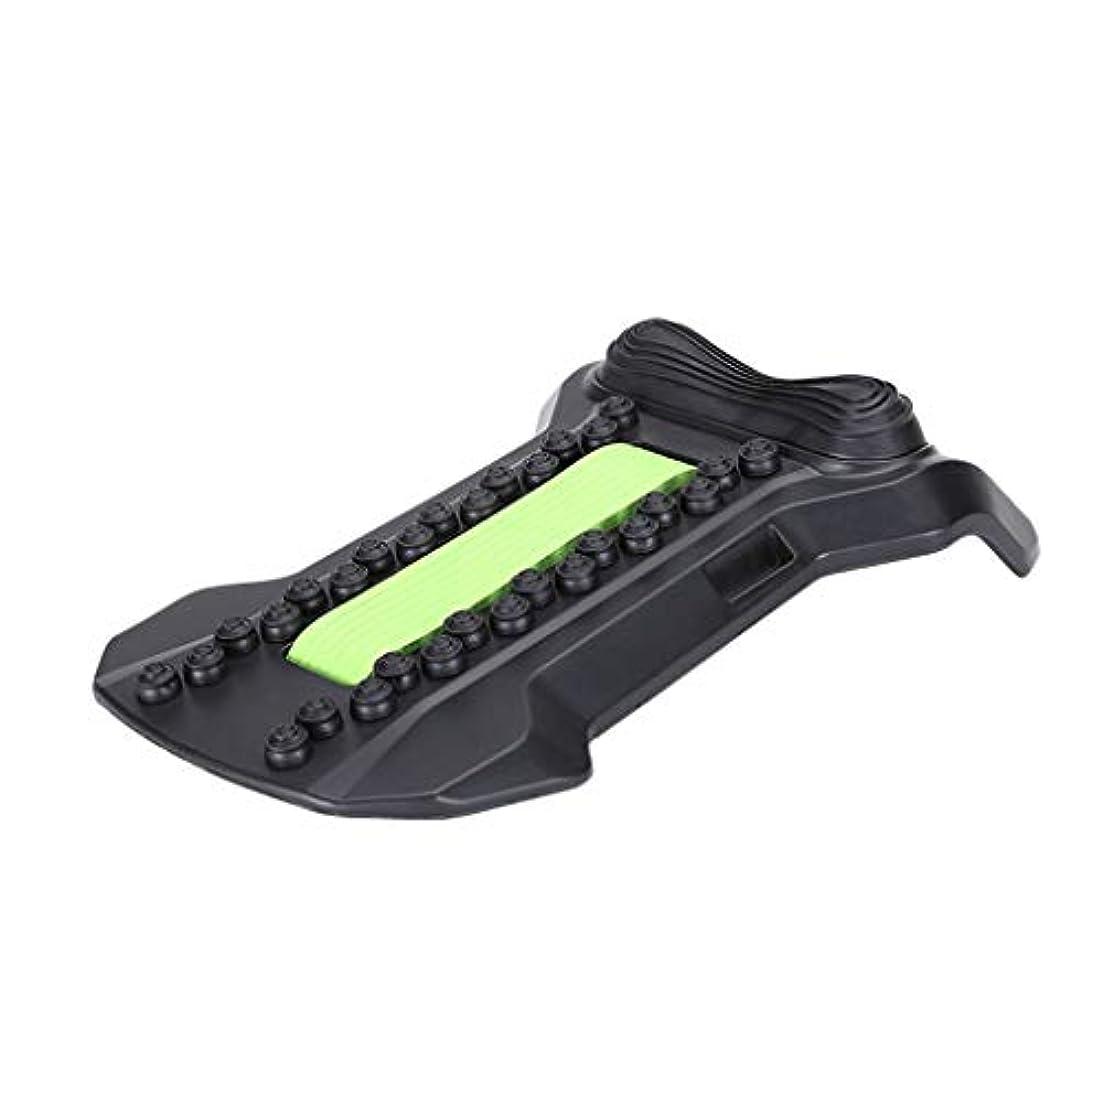 踏み台コンセンサス変化背部マッサージャーの伸張装置、腰椎サポート弛緩の魔法の伸張器の適性の仲間の脊椎の痛みを和らげるカイロプラクター,Green